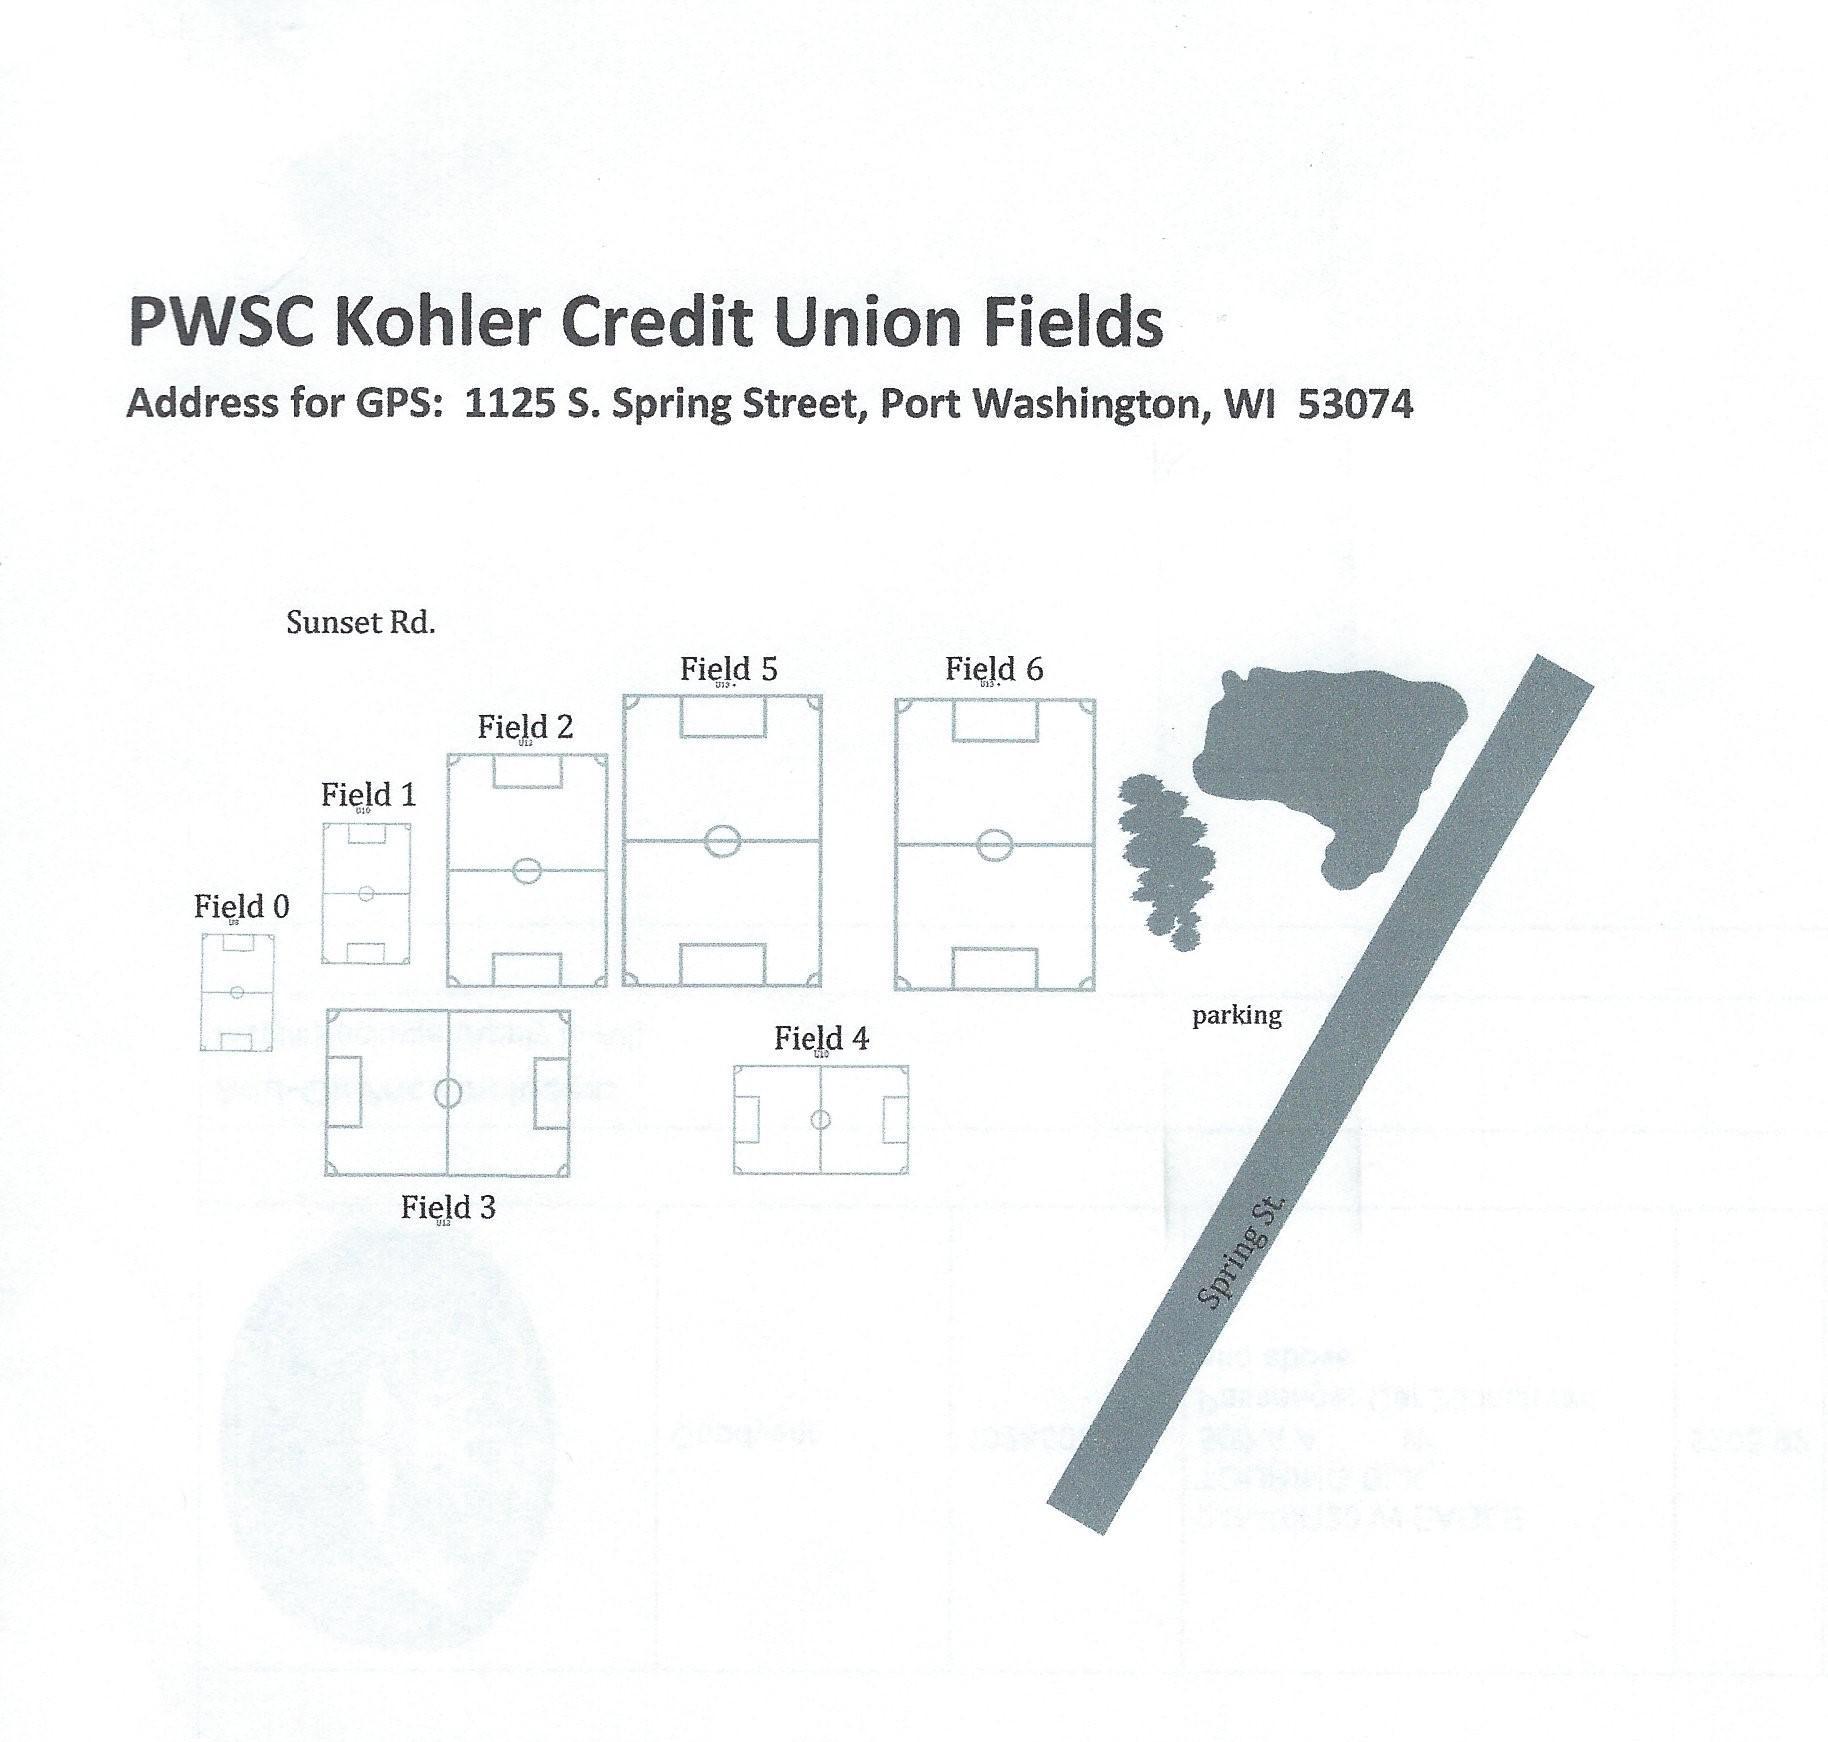 PWSC Kohler Credit Union Fields